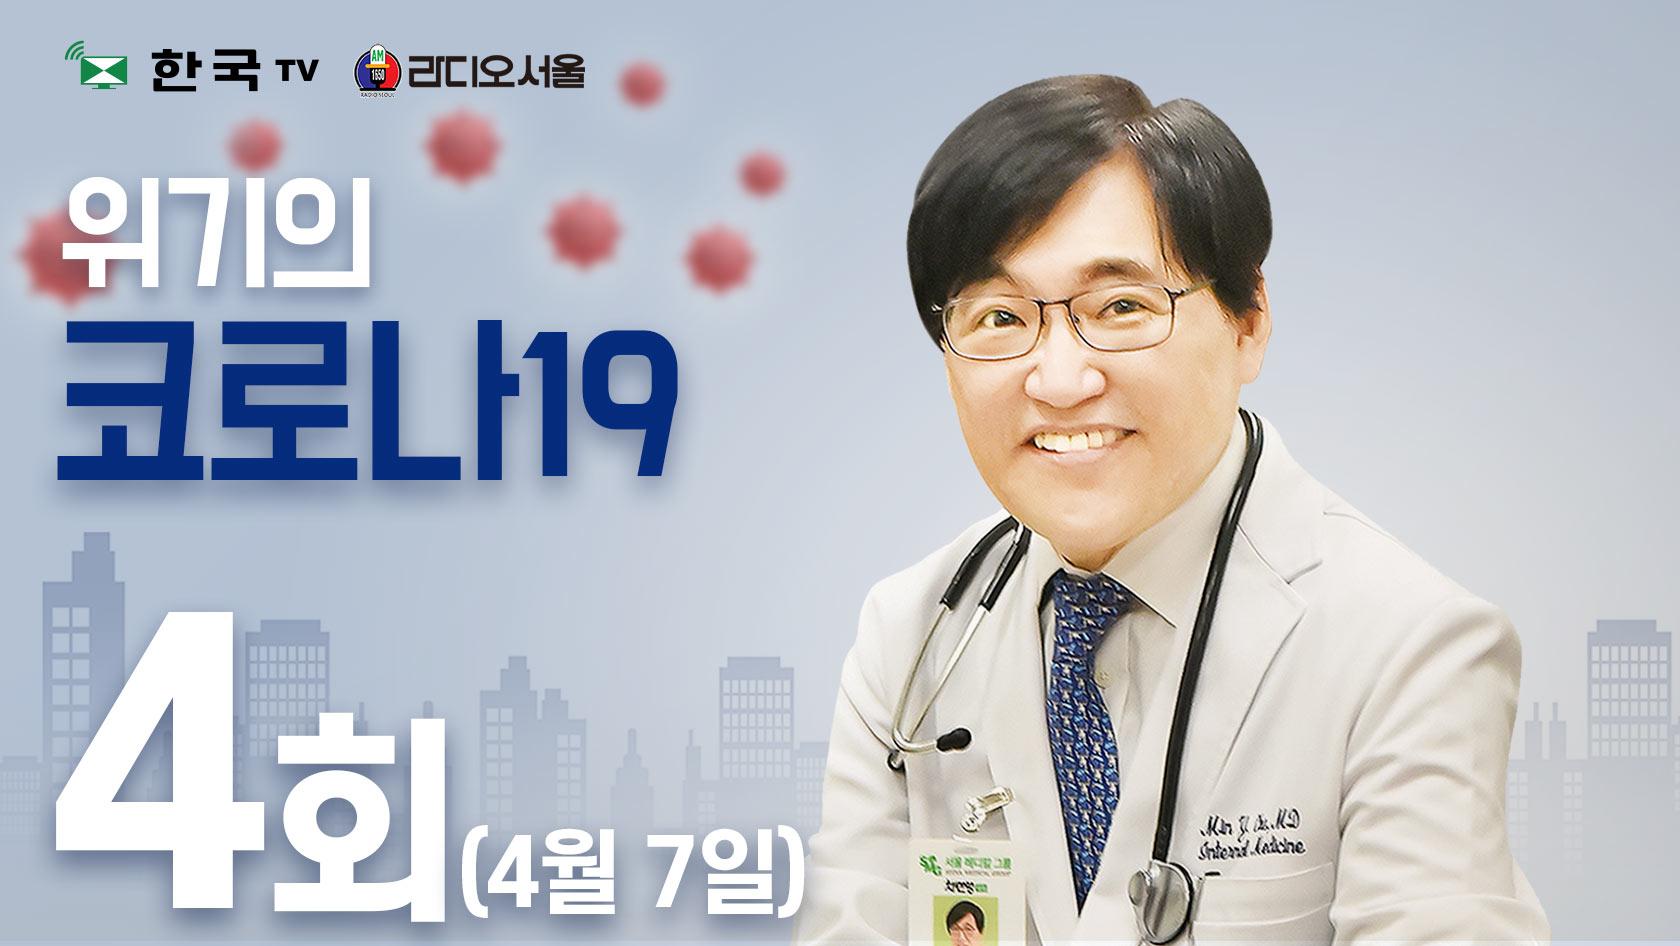 [차민영 박사] - 4회 위기의 코로나19 코로나 19 어떻게 대처해야하나?(04.07.20)